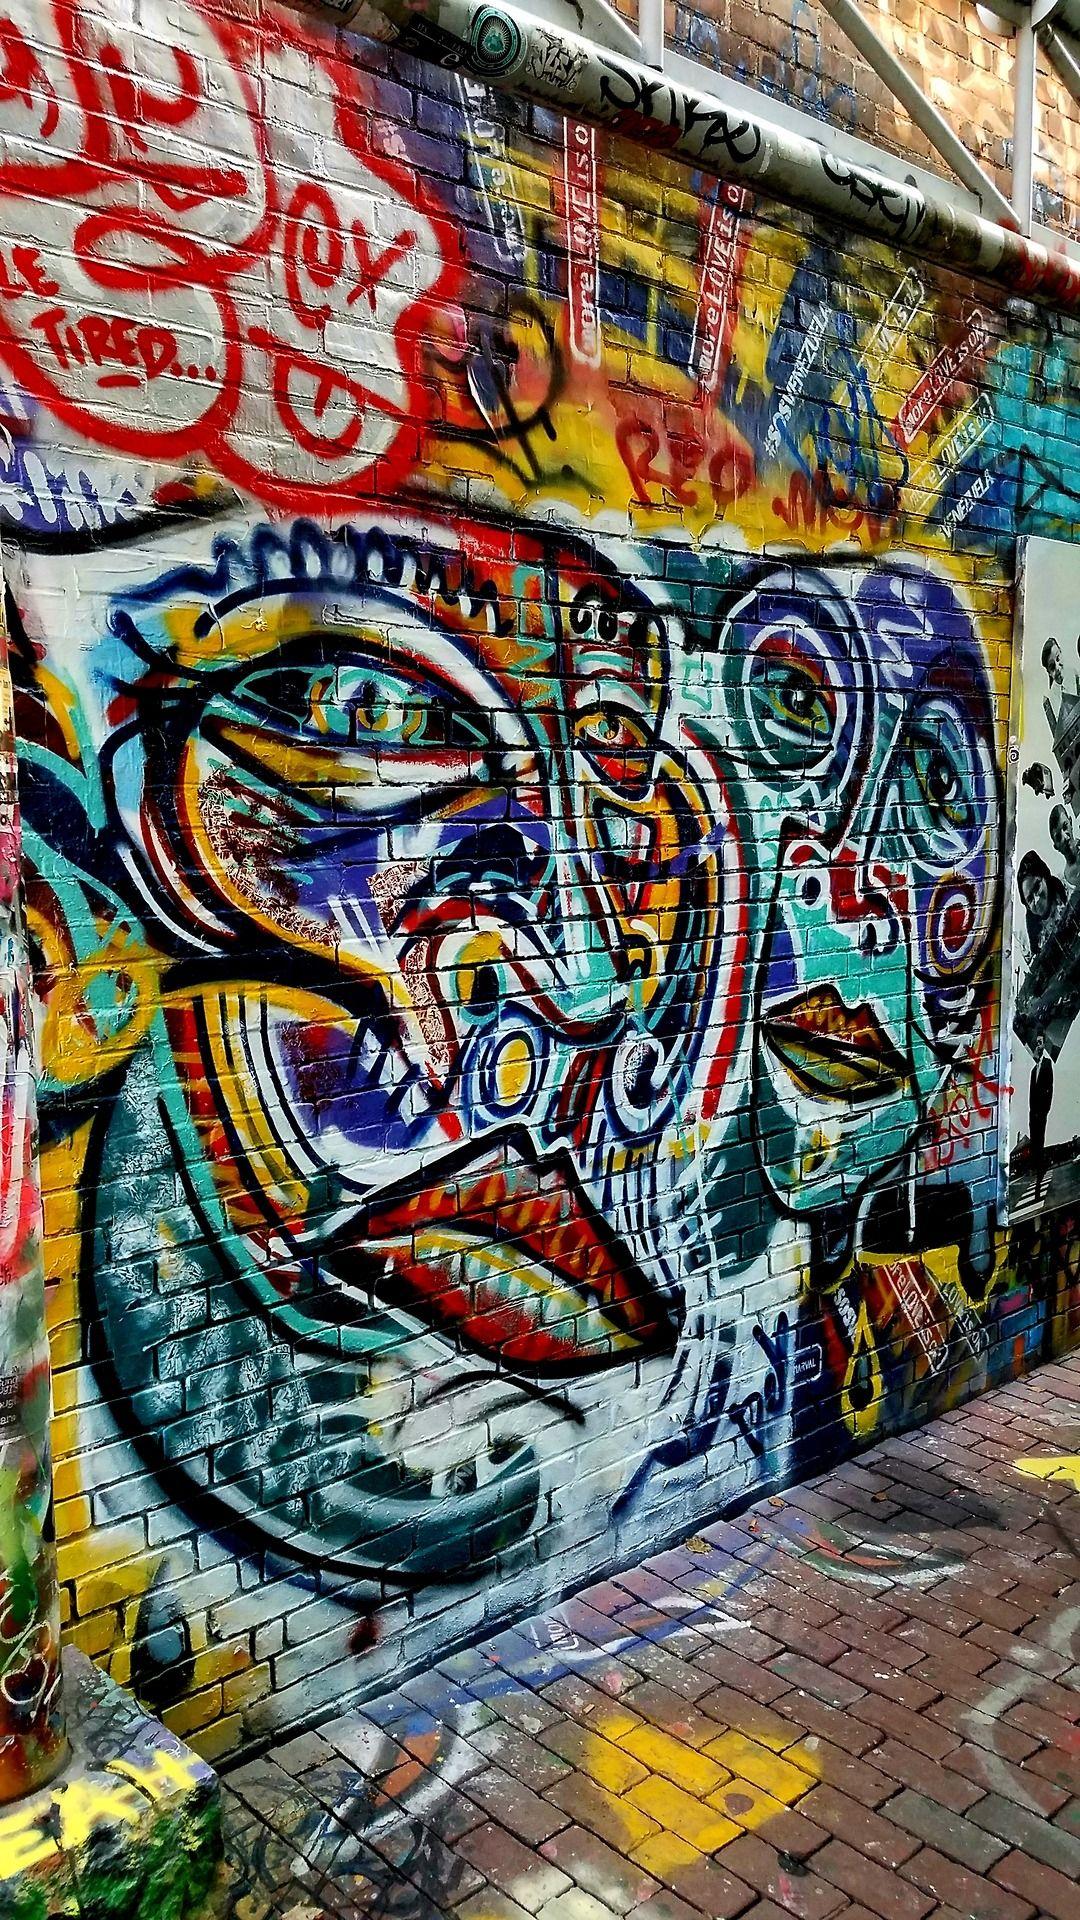 Graffiti wall cambridge ma - Graffiti Alley Cambridge Ma Work By Lukabrattzi Graffitialley